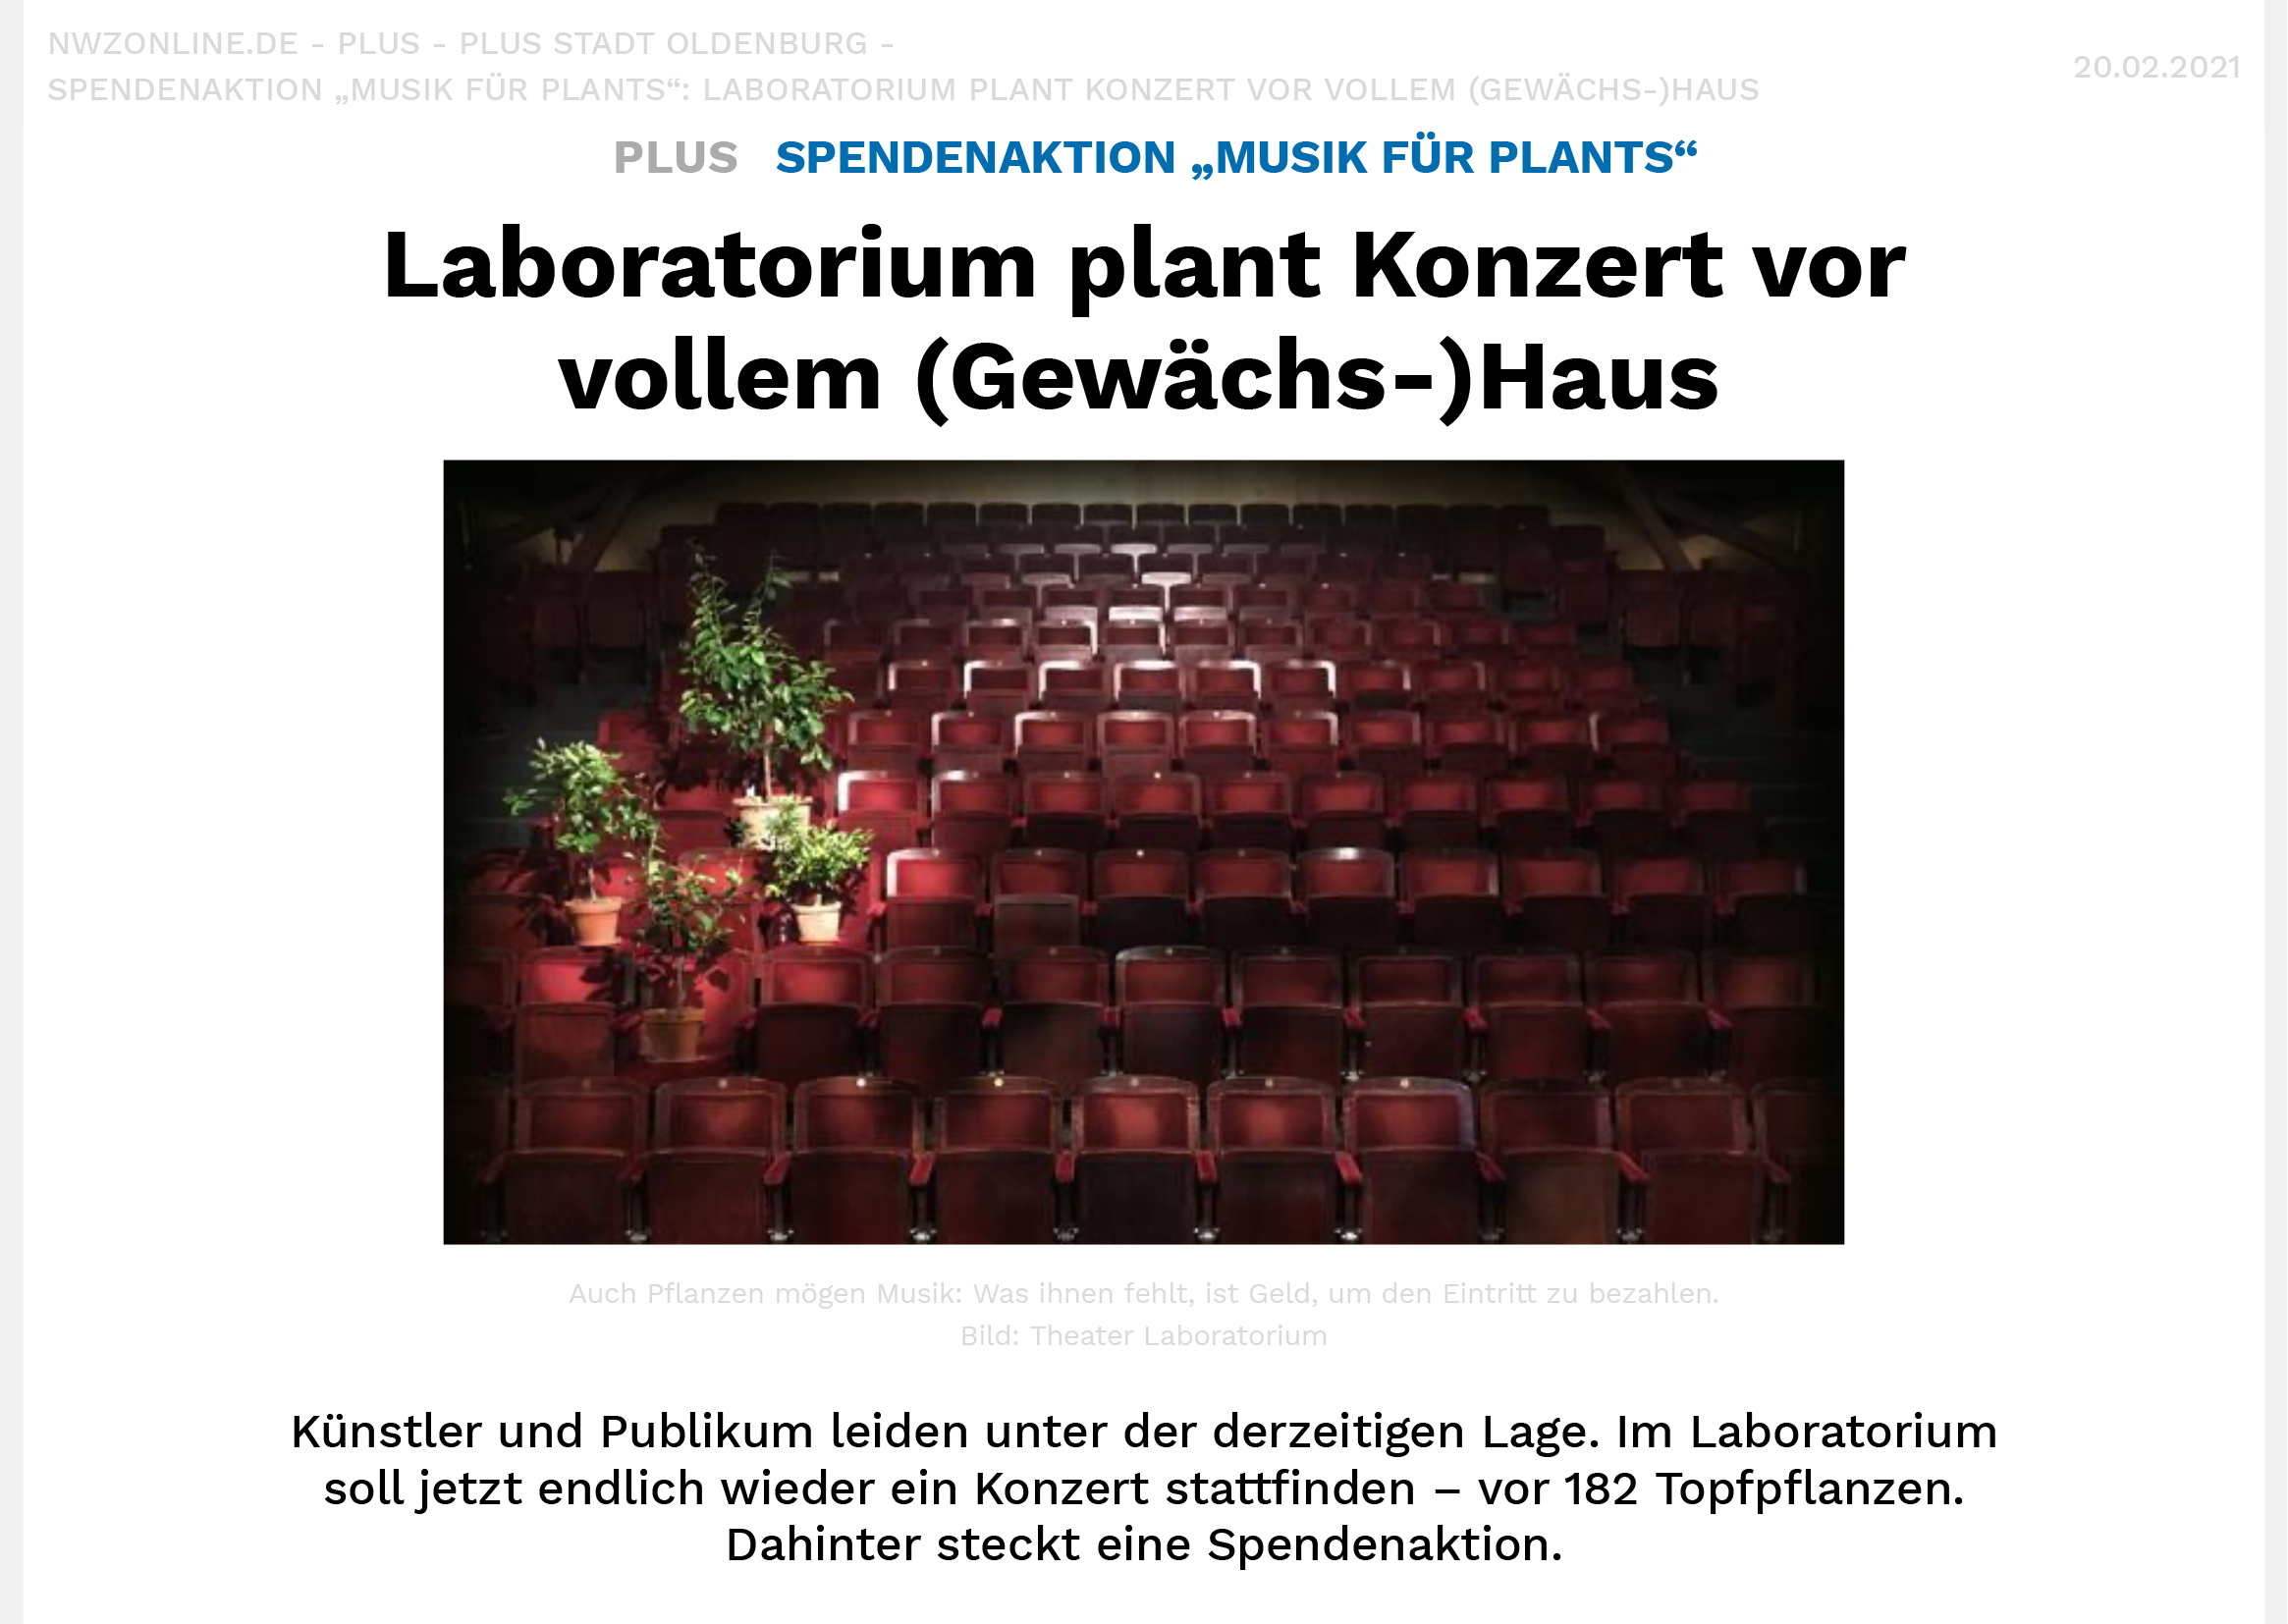 Laboratorium plant Konzert vor vollem (Gewächs-)Haus-1